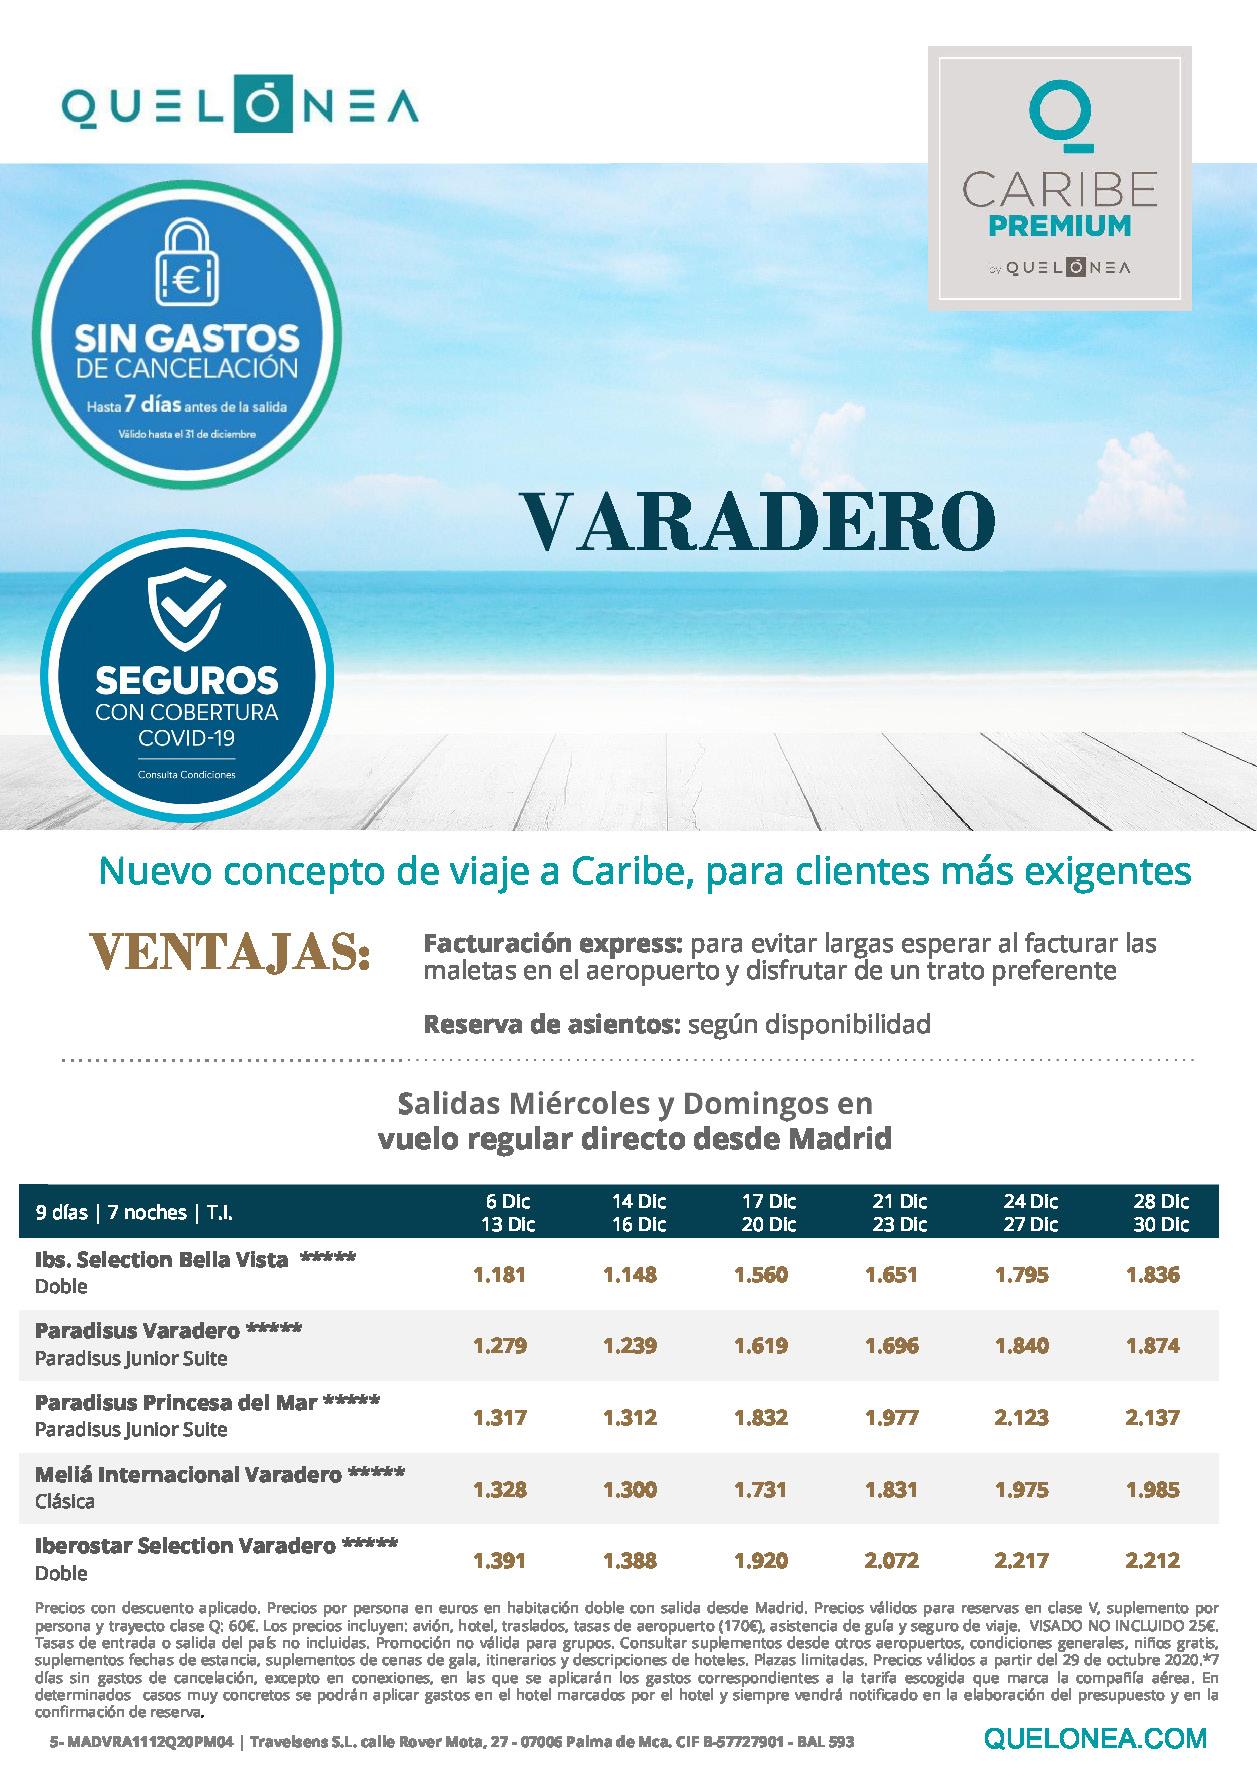 Ofertas Quelonea Cuba Premium Varadero Diciembre 2020 vuelo directo desde Madrid